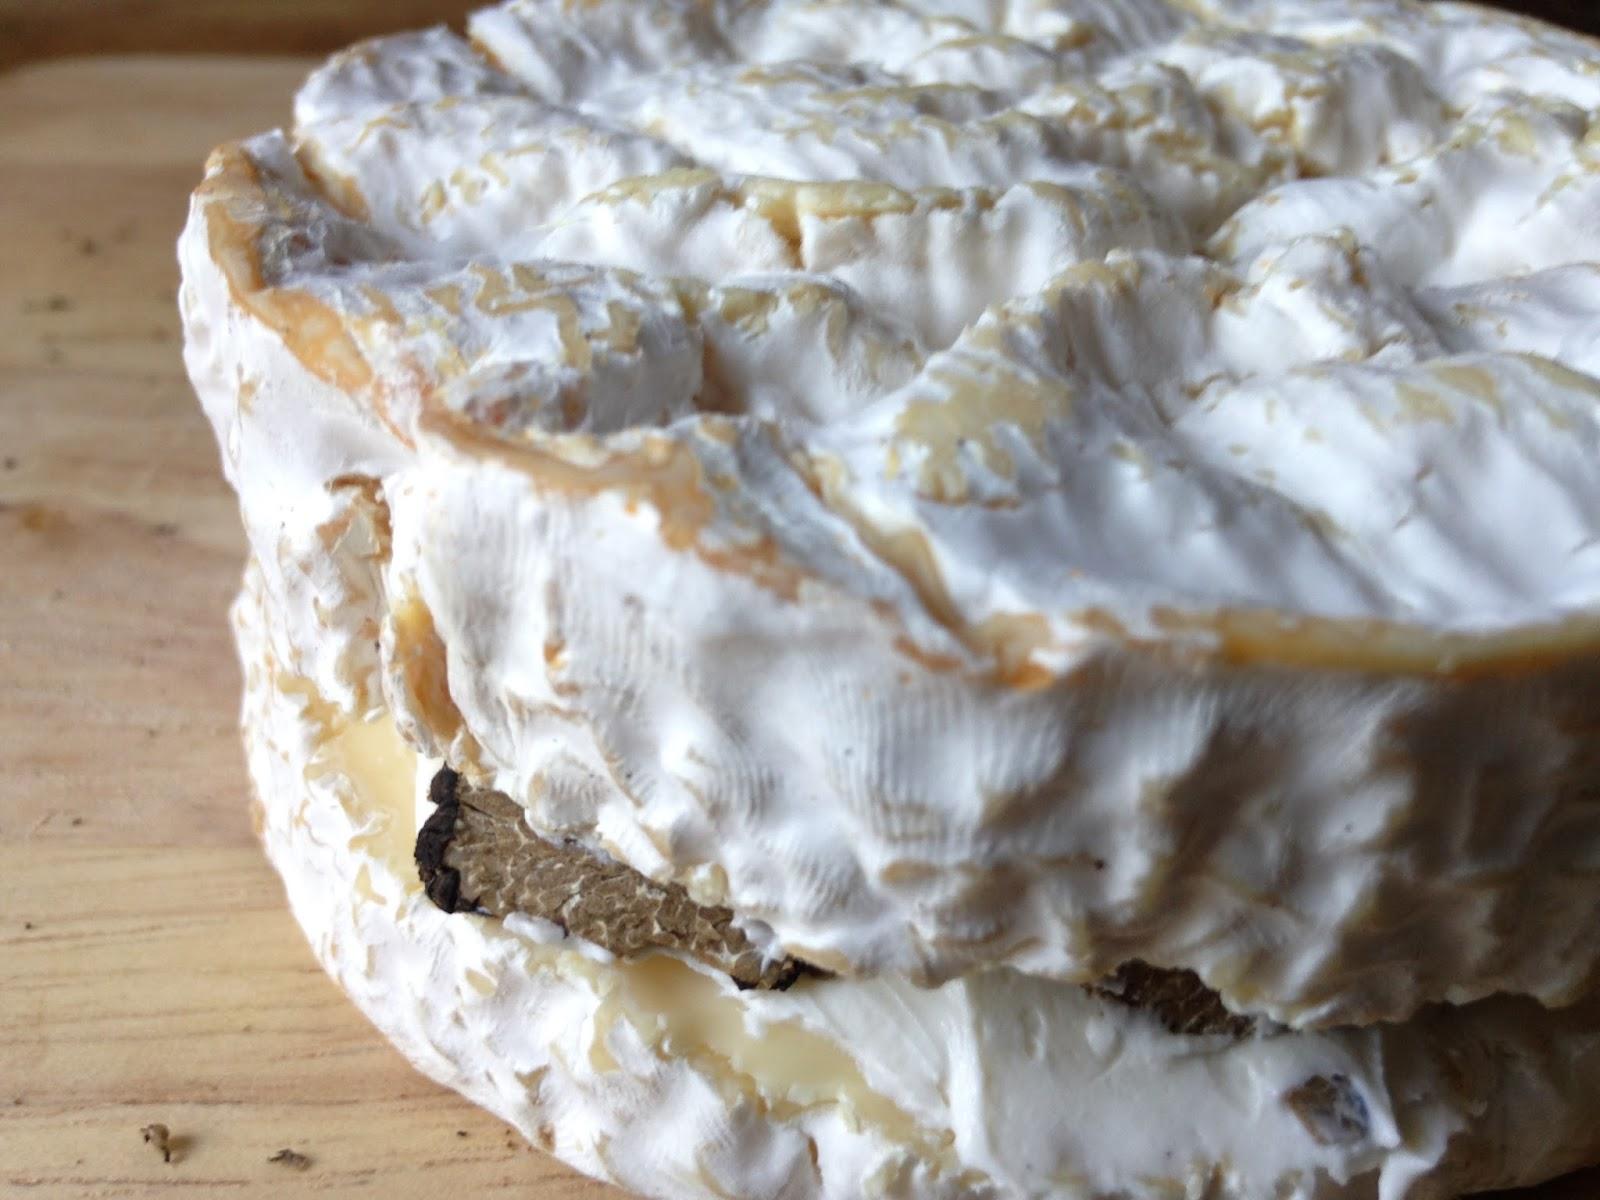 La laiterie de paris un camembert truff - Maison des truffes paris ...